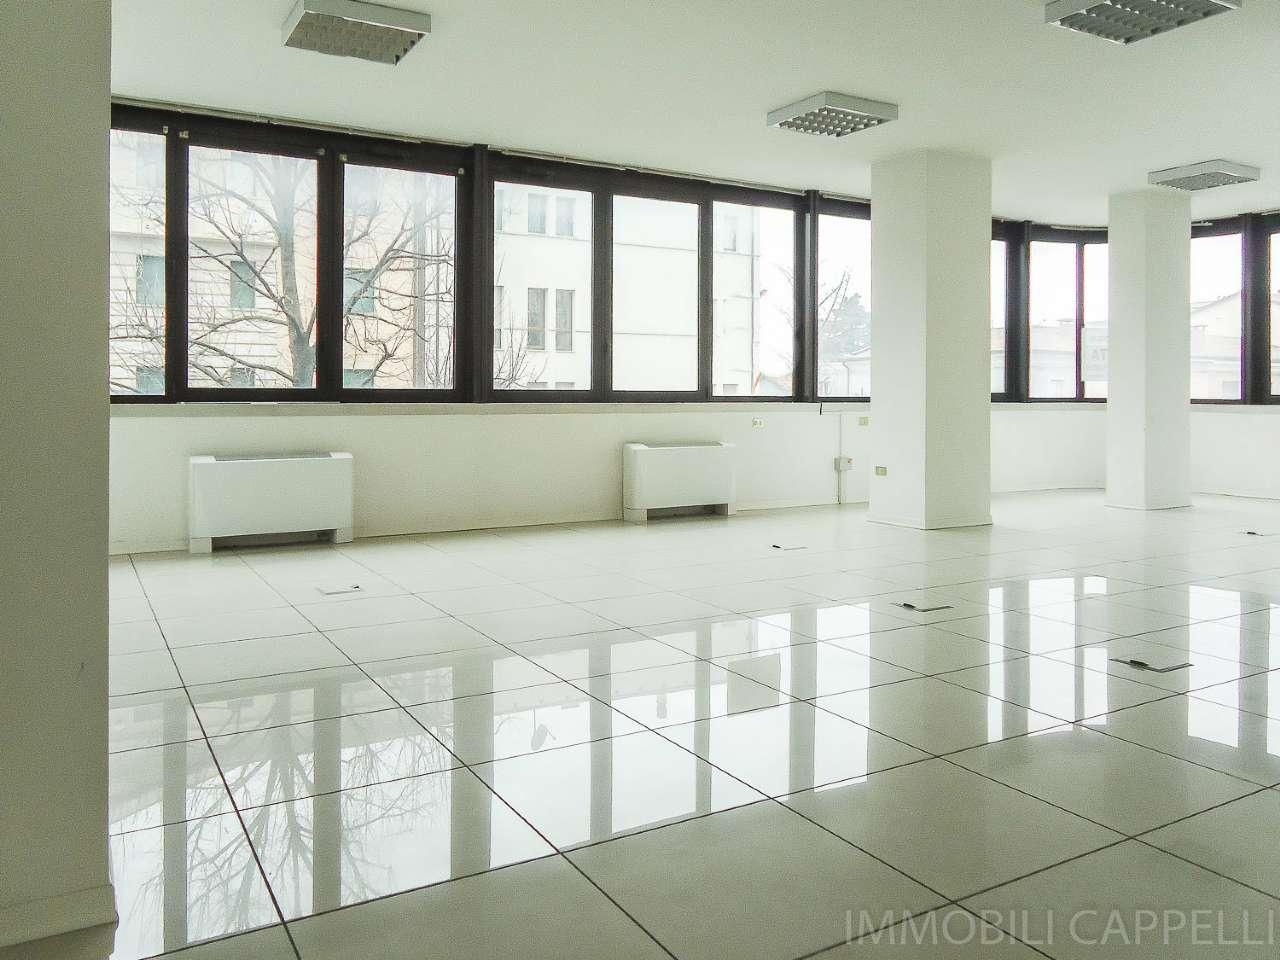 Ufficio / Studio in affitto a Cesena, 4 locali, prezzo € 1.300 | CambioCasa.it